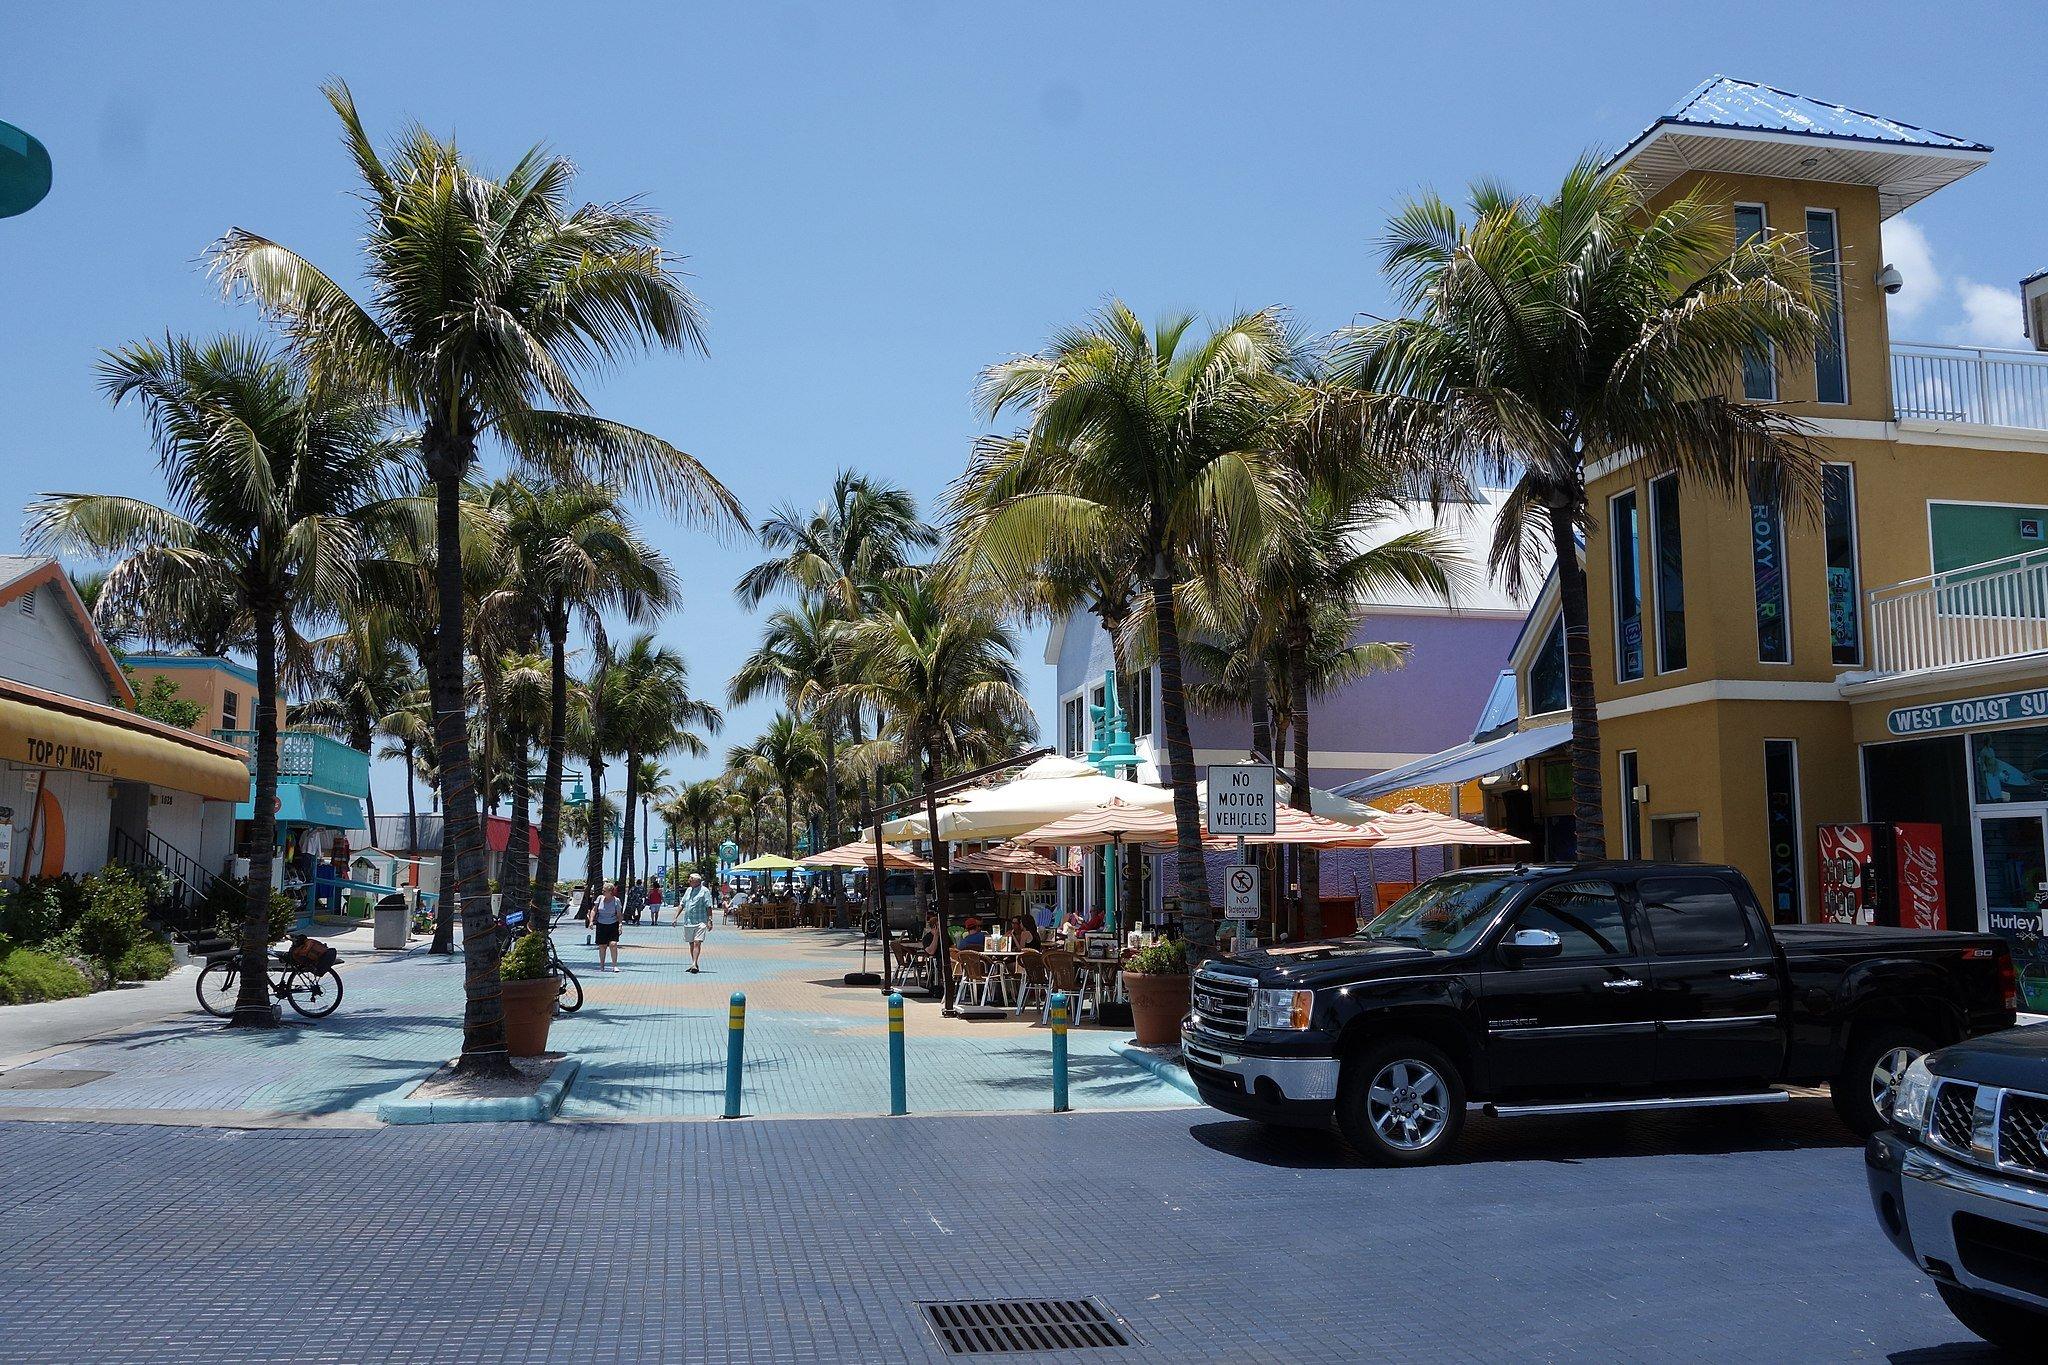 Deadliest cities for pedestrians-Fort Myers FL